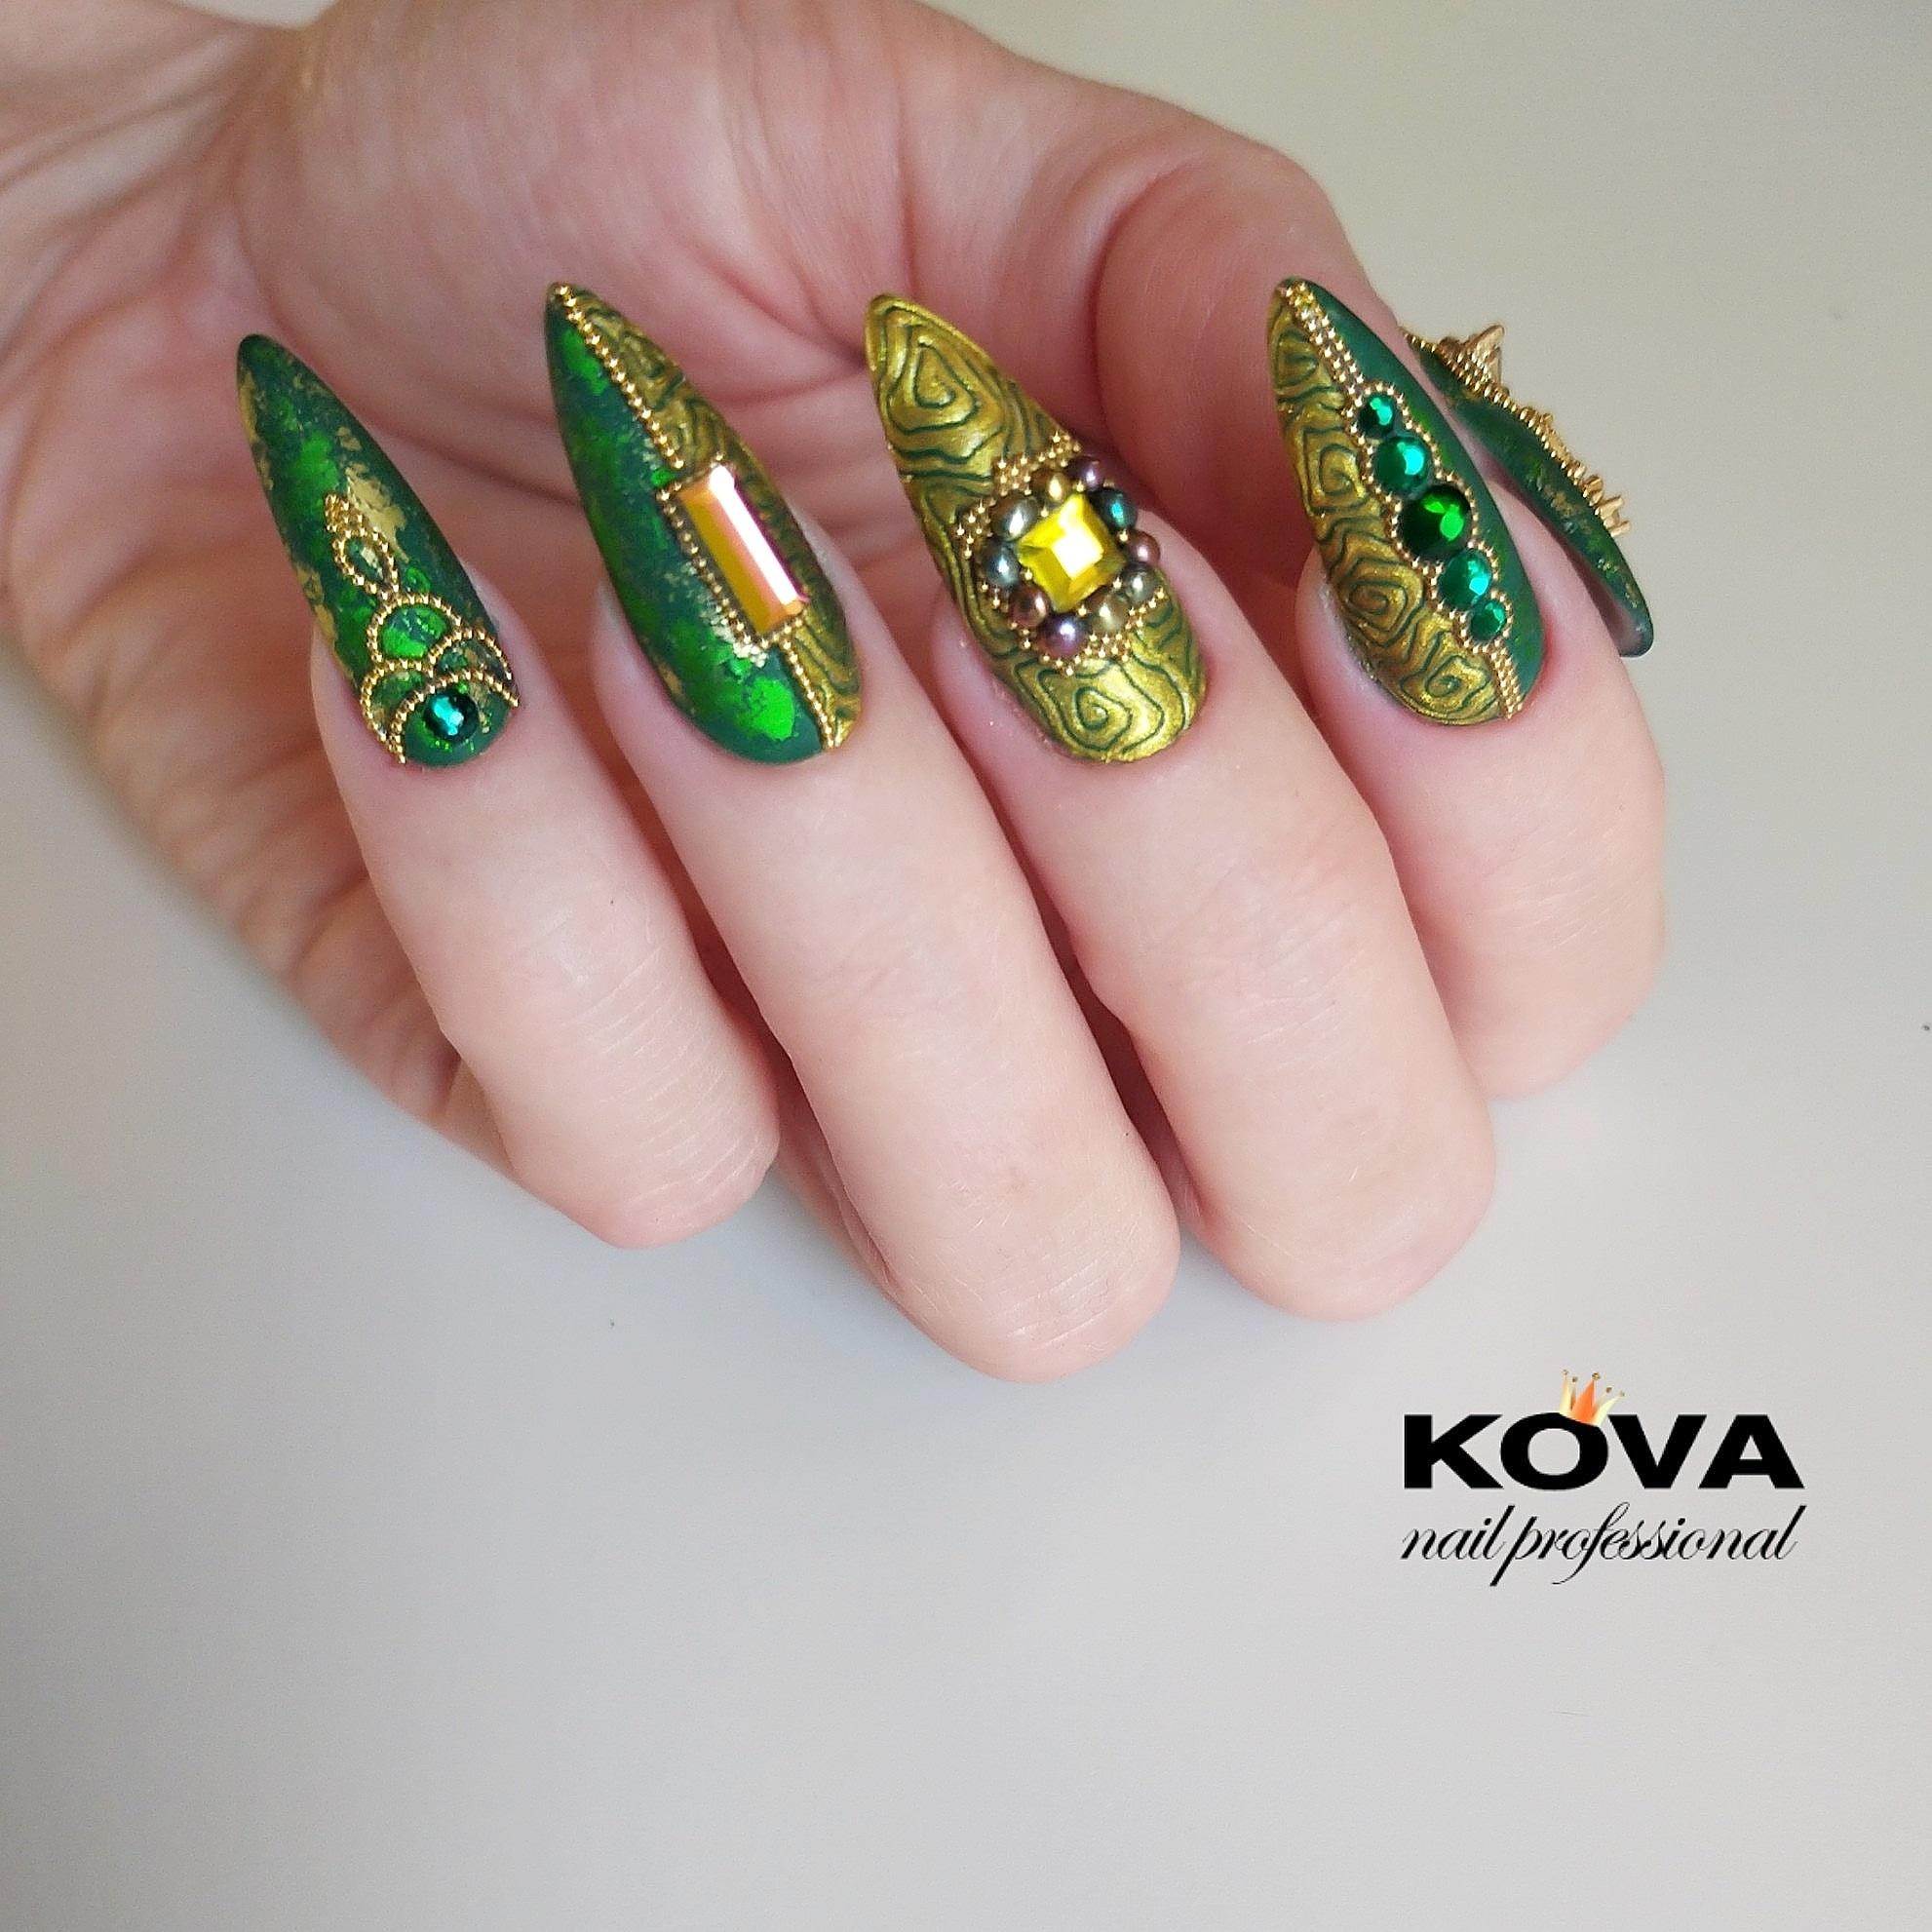 Маникюр в зелёном цвете с фактурным золотым покрытием и объёмными стразами.